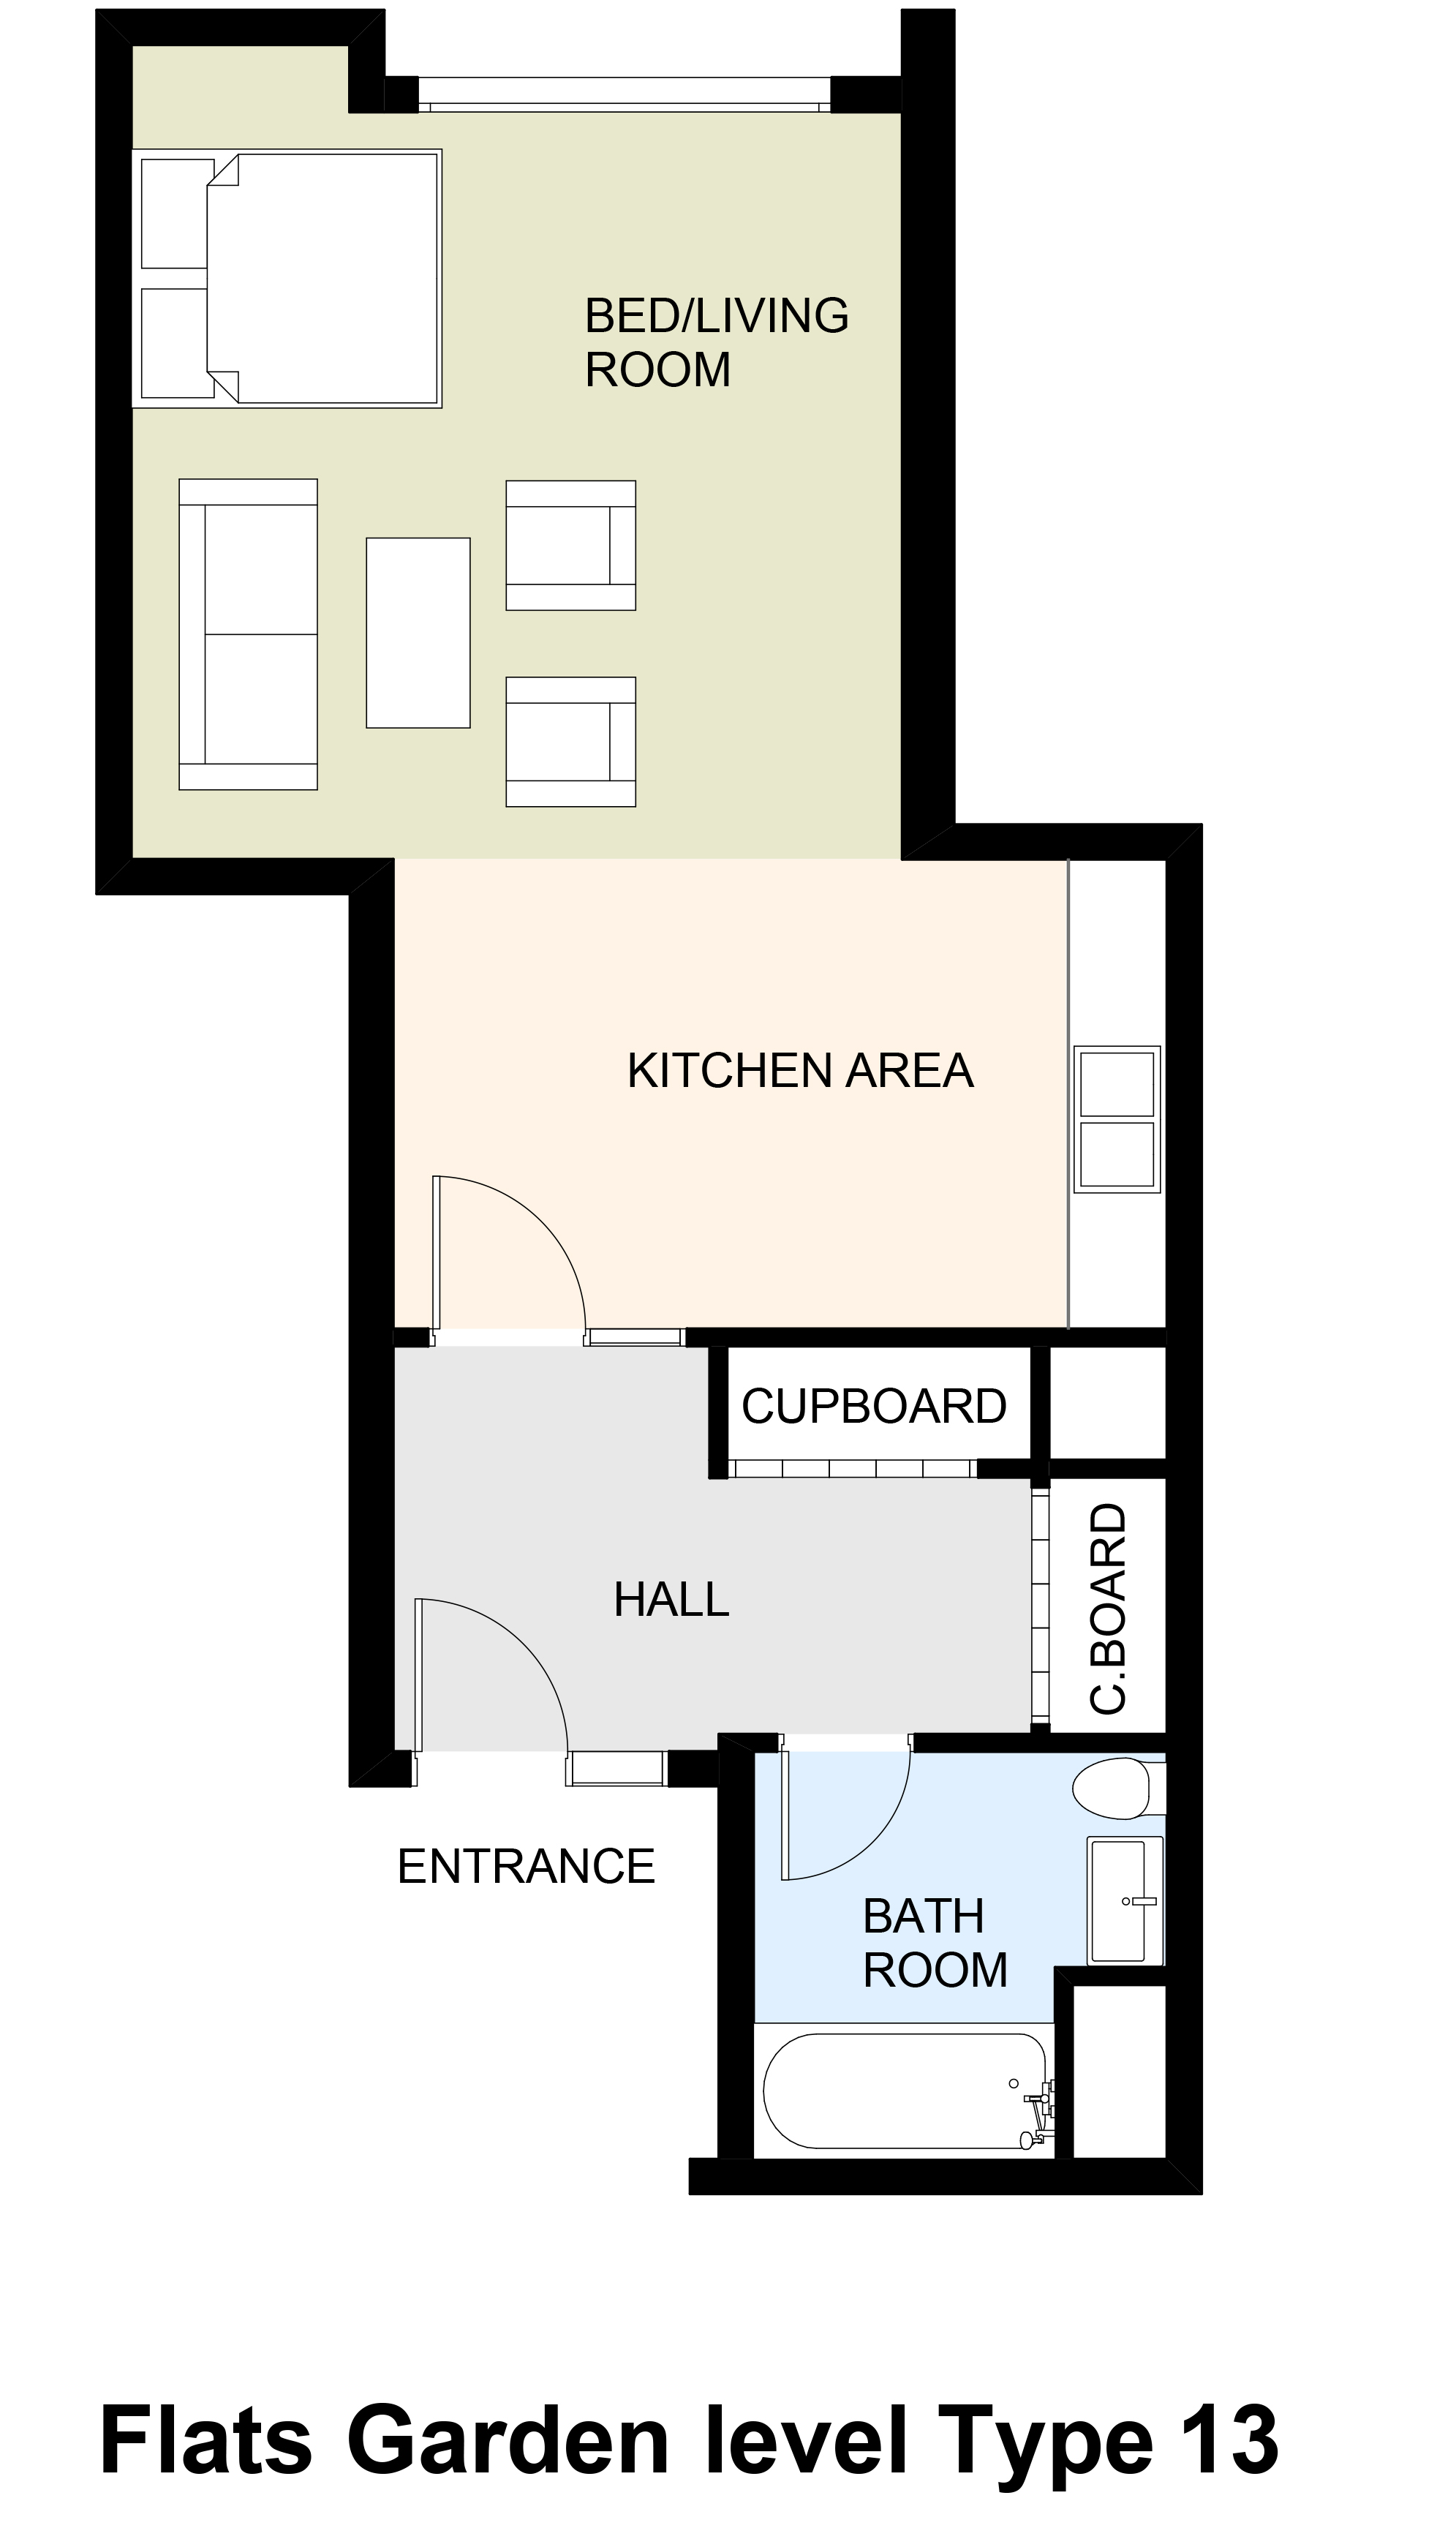 Flats Garden level Type 13